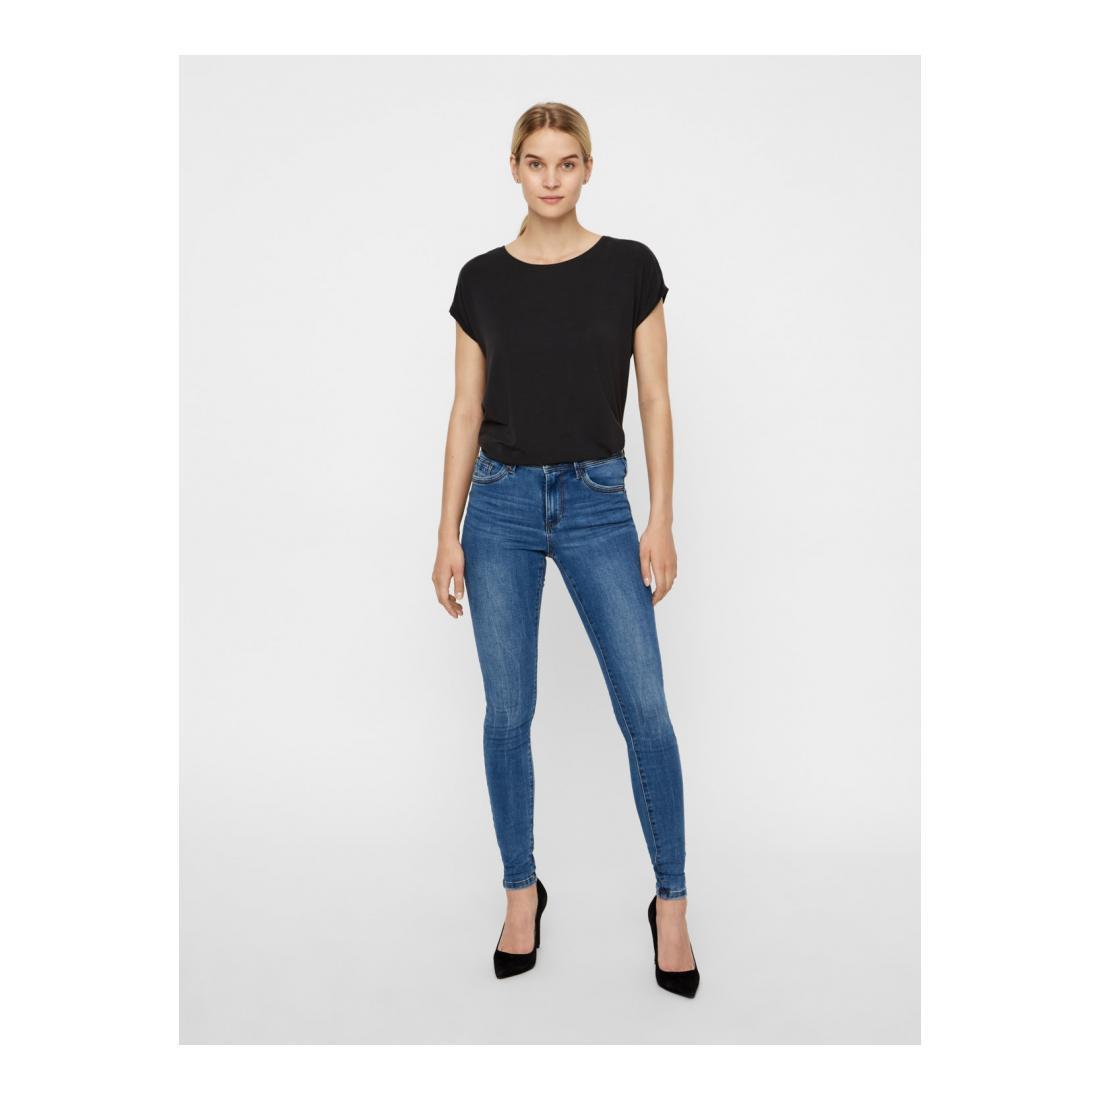 Vero Moda Jeans Damen VMTANYA MR S PIPING JEANS